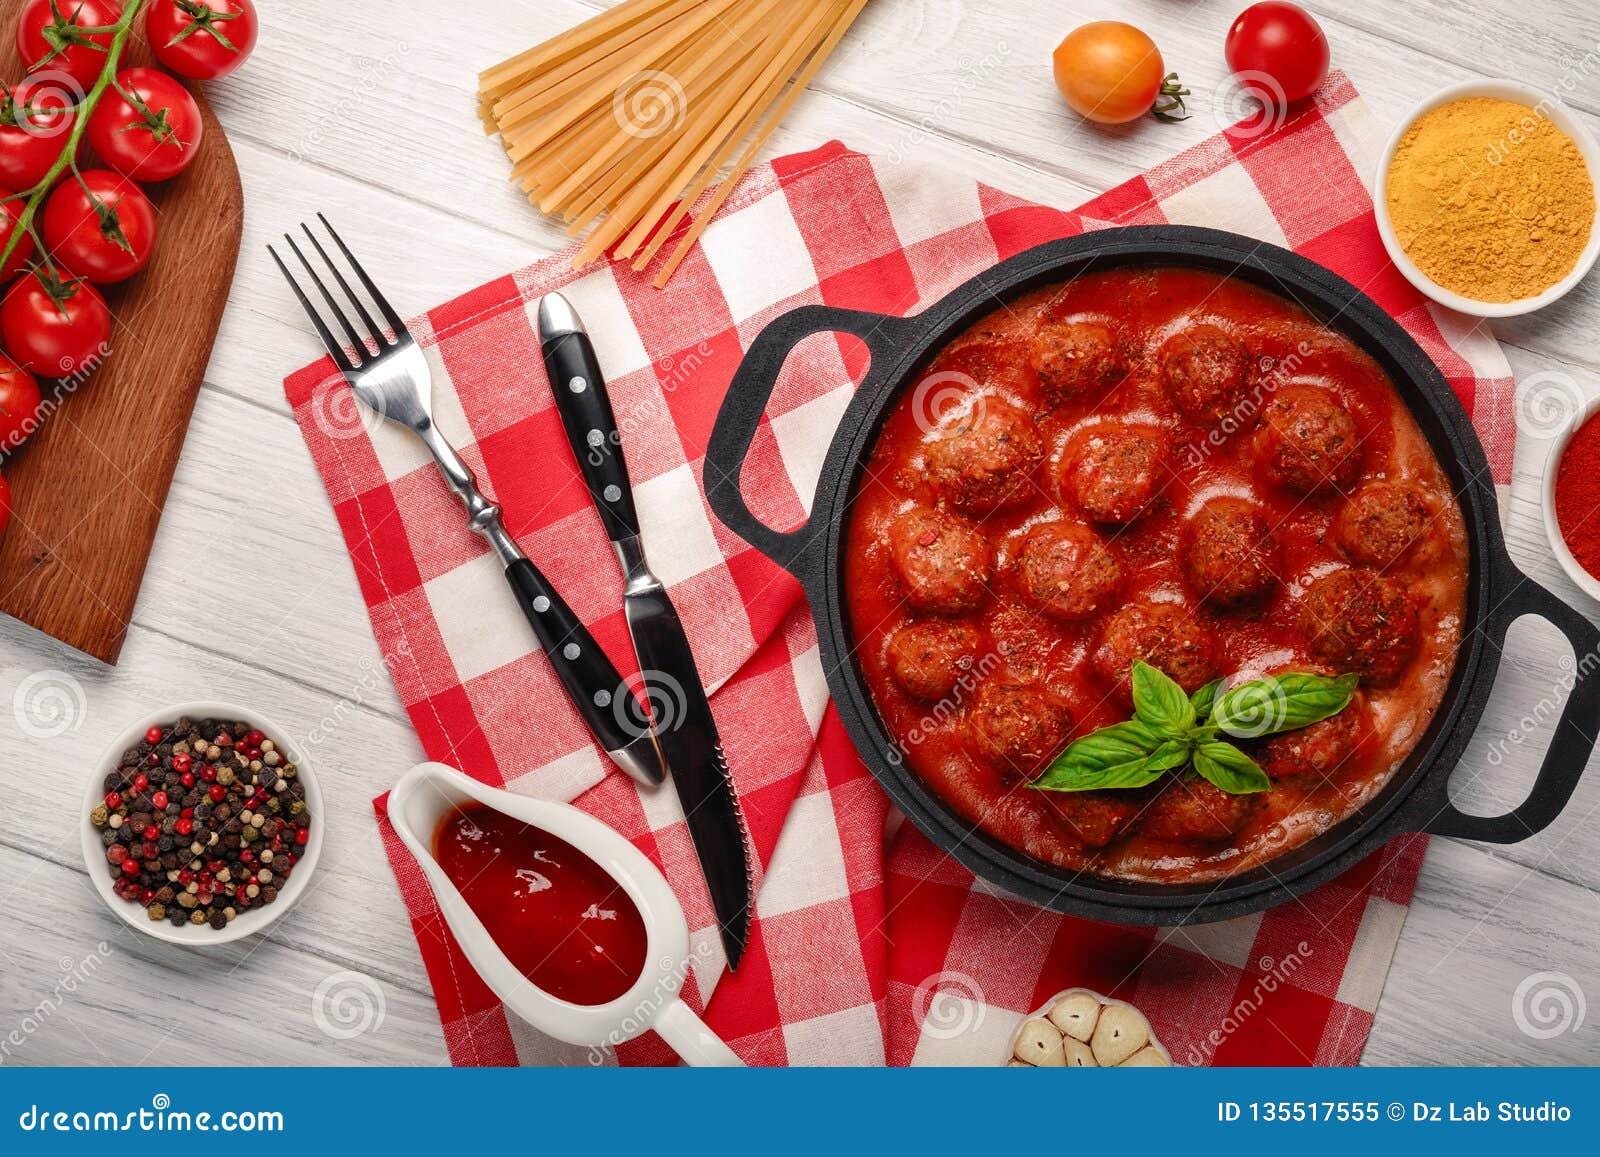 Фрикадельки в томатном соусе со специями в сковороде и томатах вишни на разделочной доске и белой деревянной доске